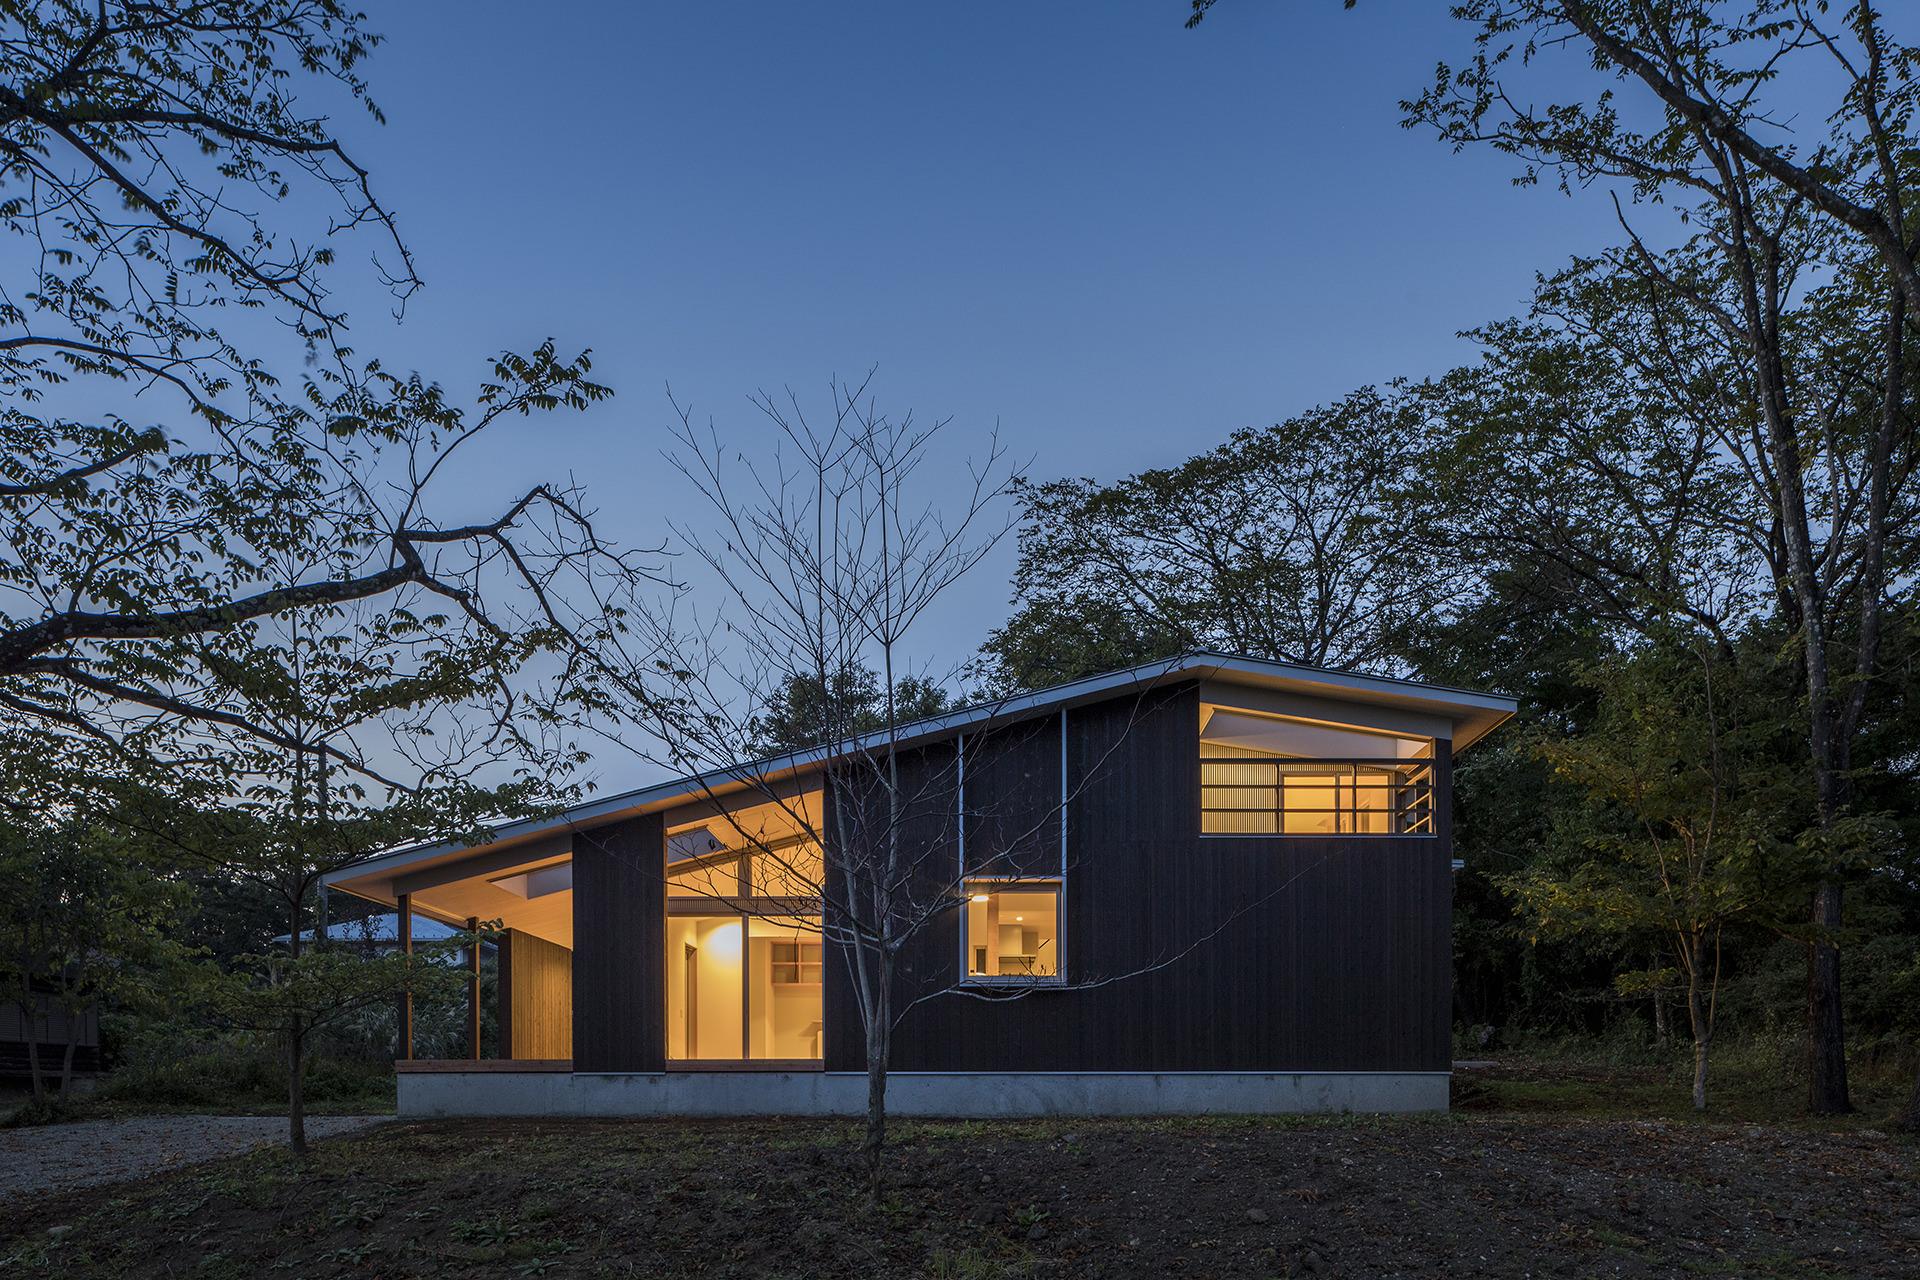 自然に寄り添う、アウトドアリビングをもつ大屋根の家 イメージ21 撮影:東涌写真事務所・東涌宏和v